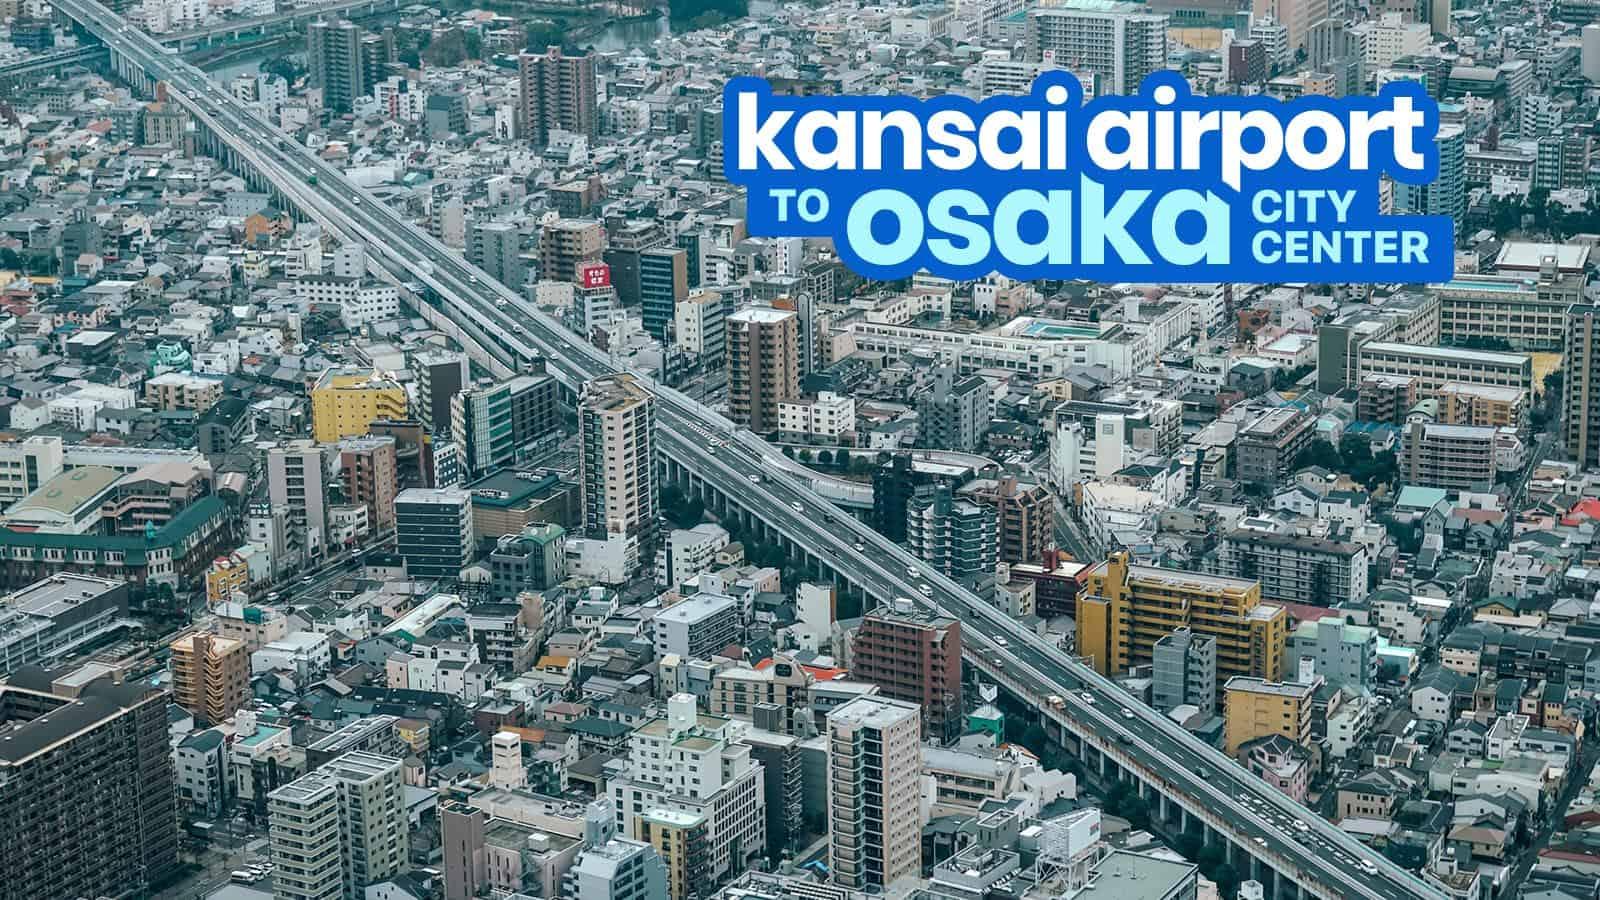 KANSAI AIRPORT TO OSAKA CITY CENTER: Namba, Umeda & Tennoji